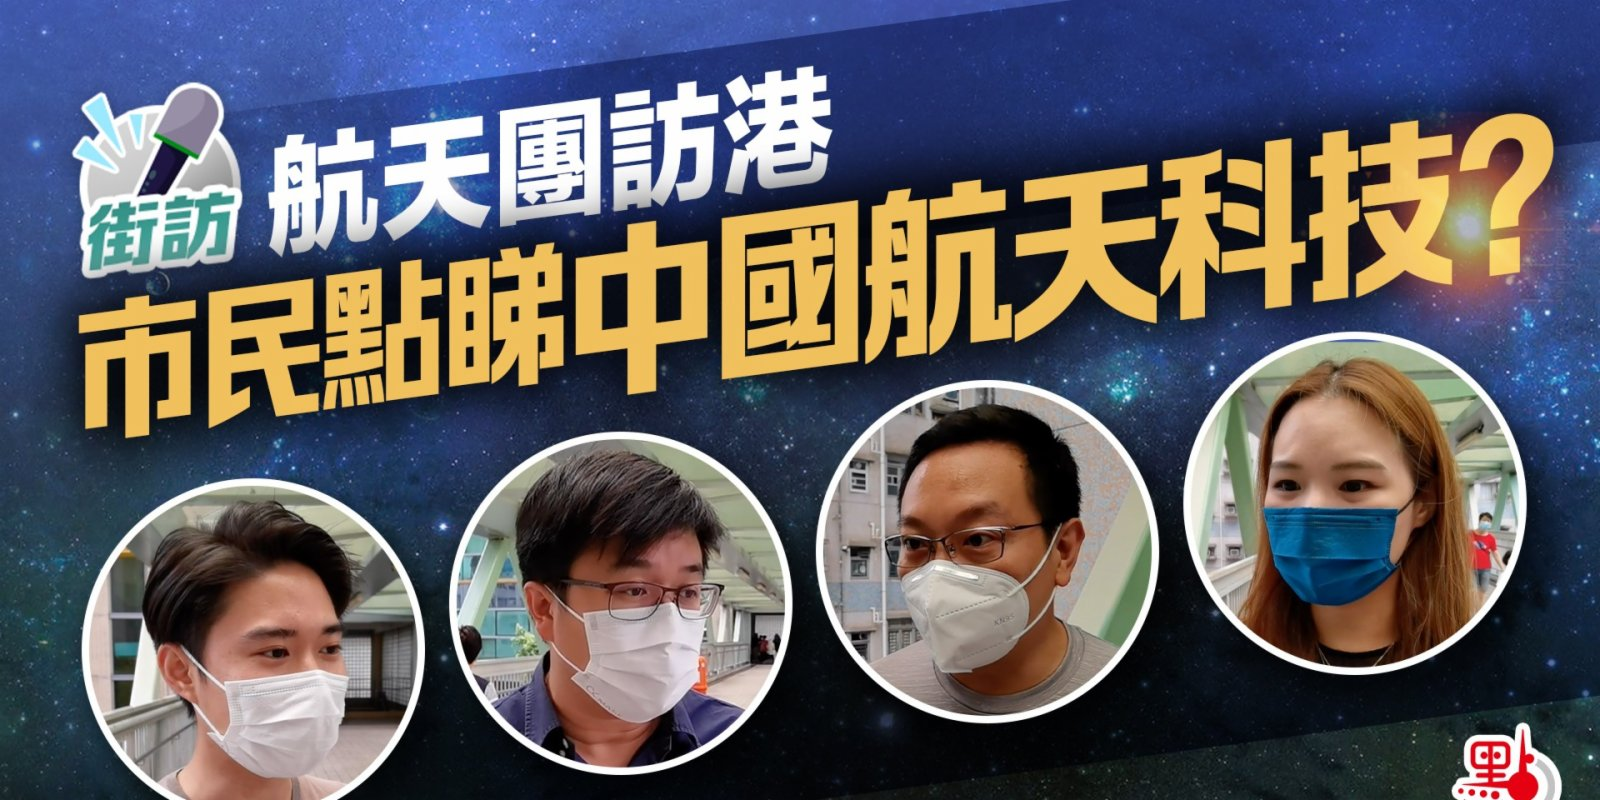 街訪|航天團訪港 市民點睇中國航天科技?